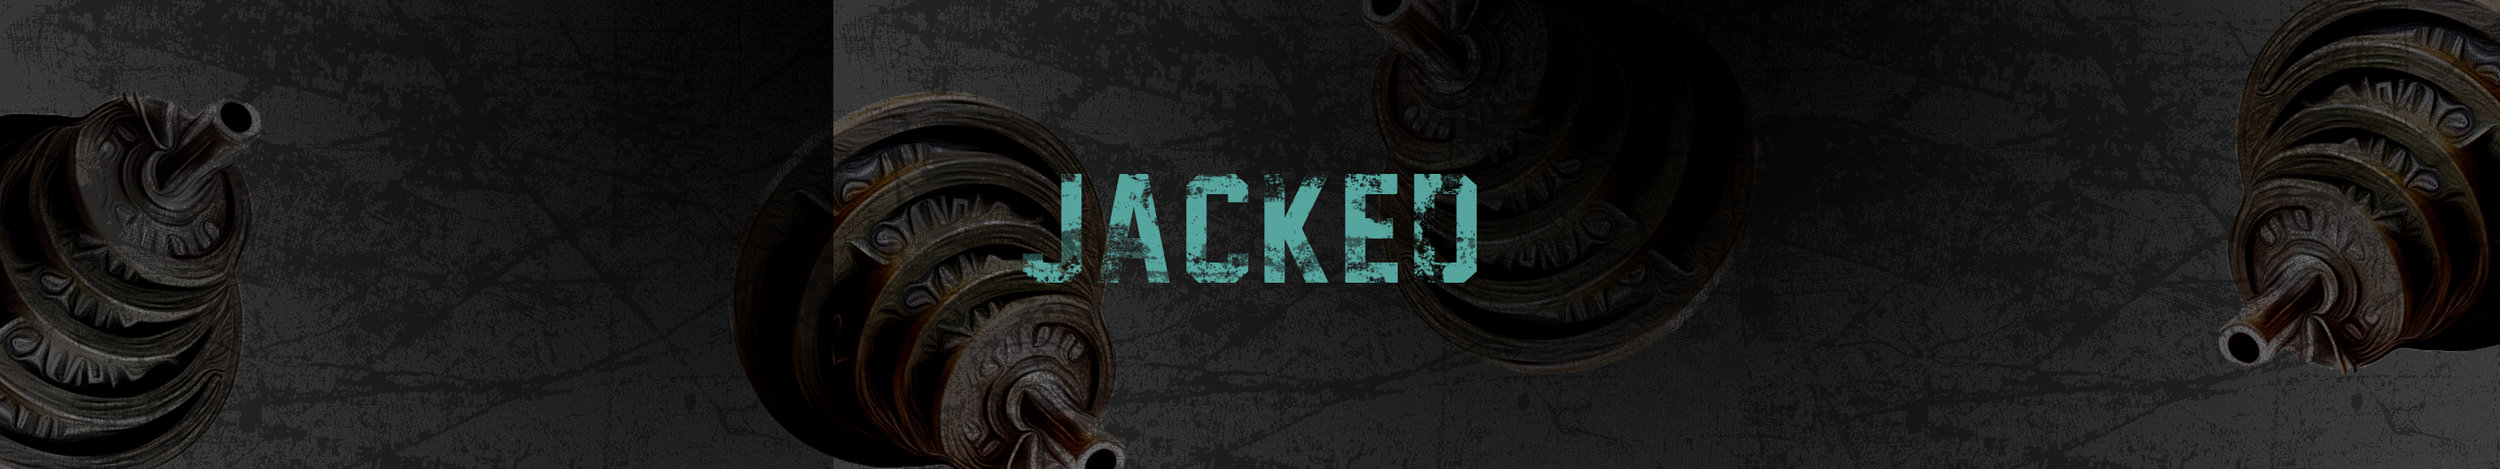 jacked trip wide.jpg